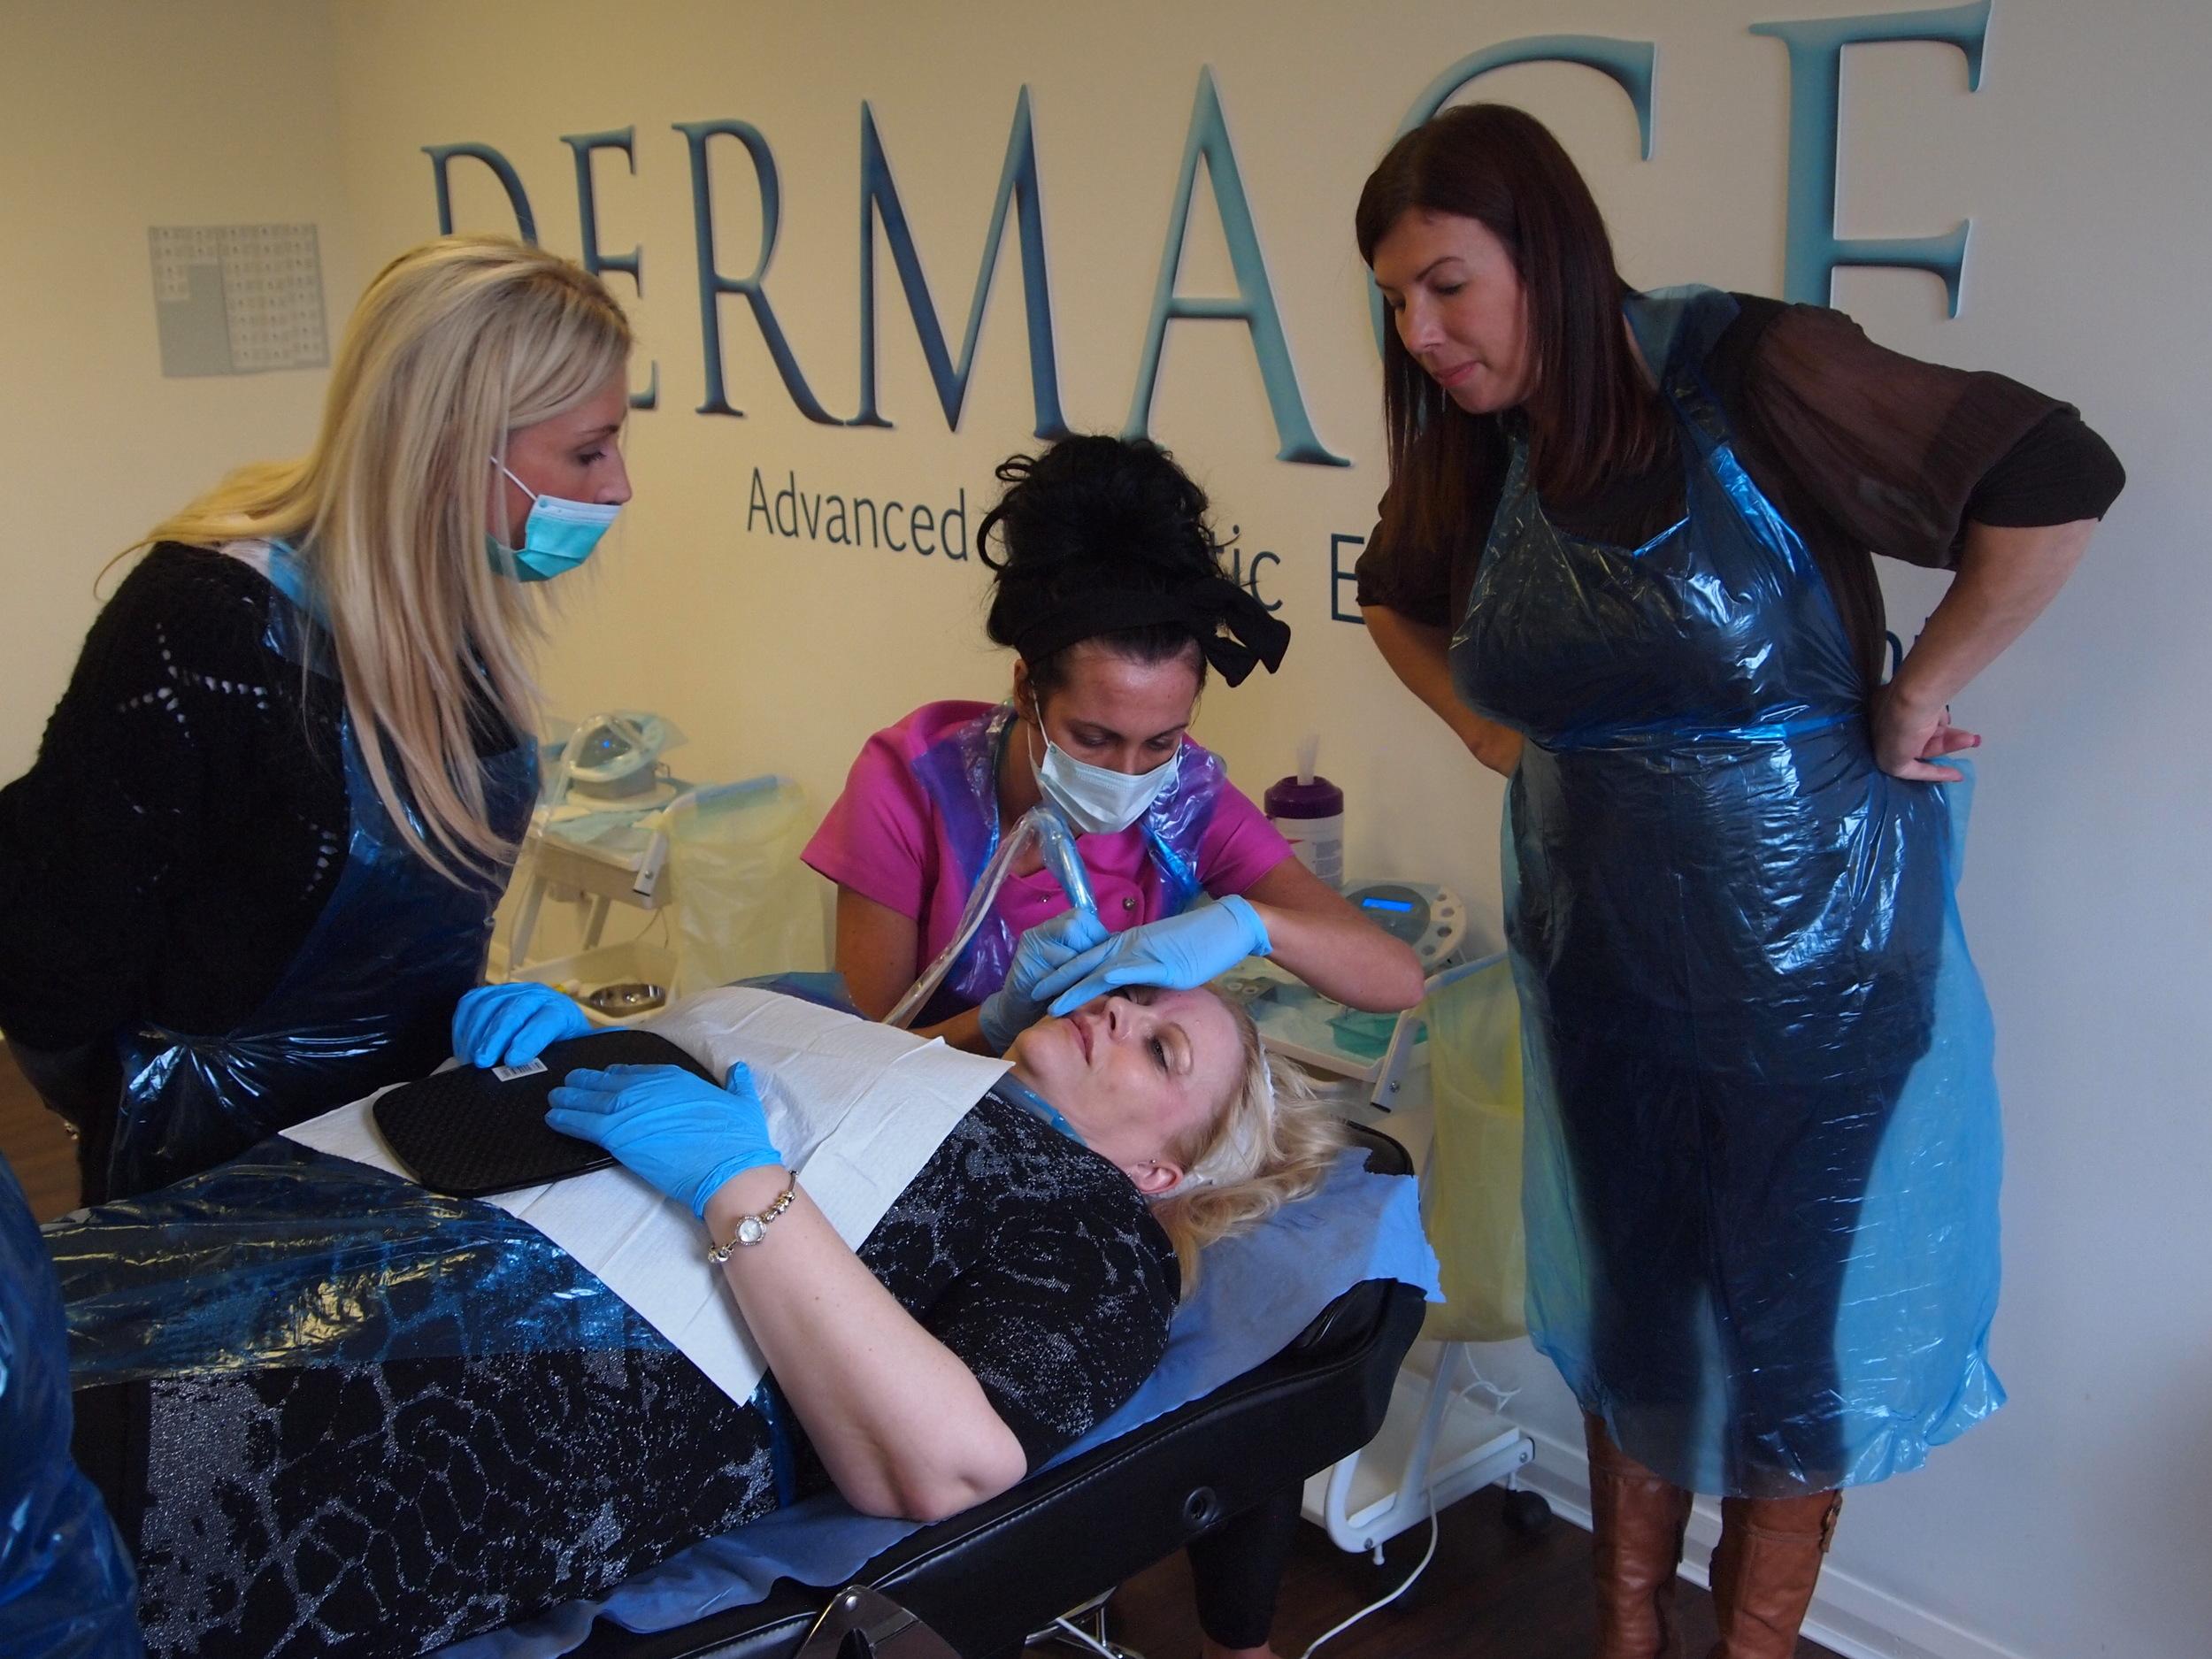 dermace advanced lip course